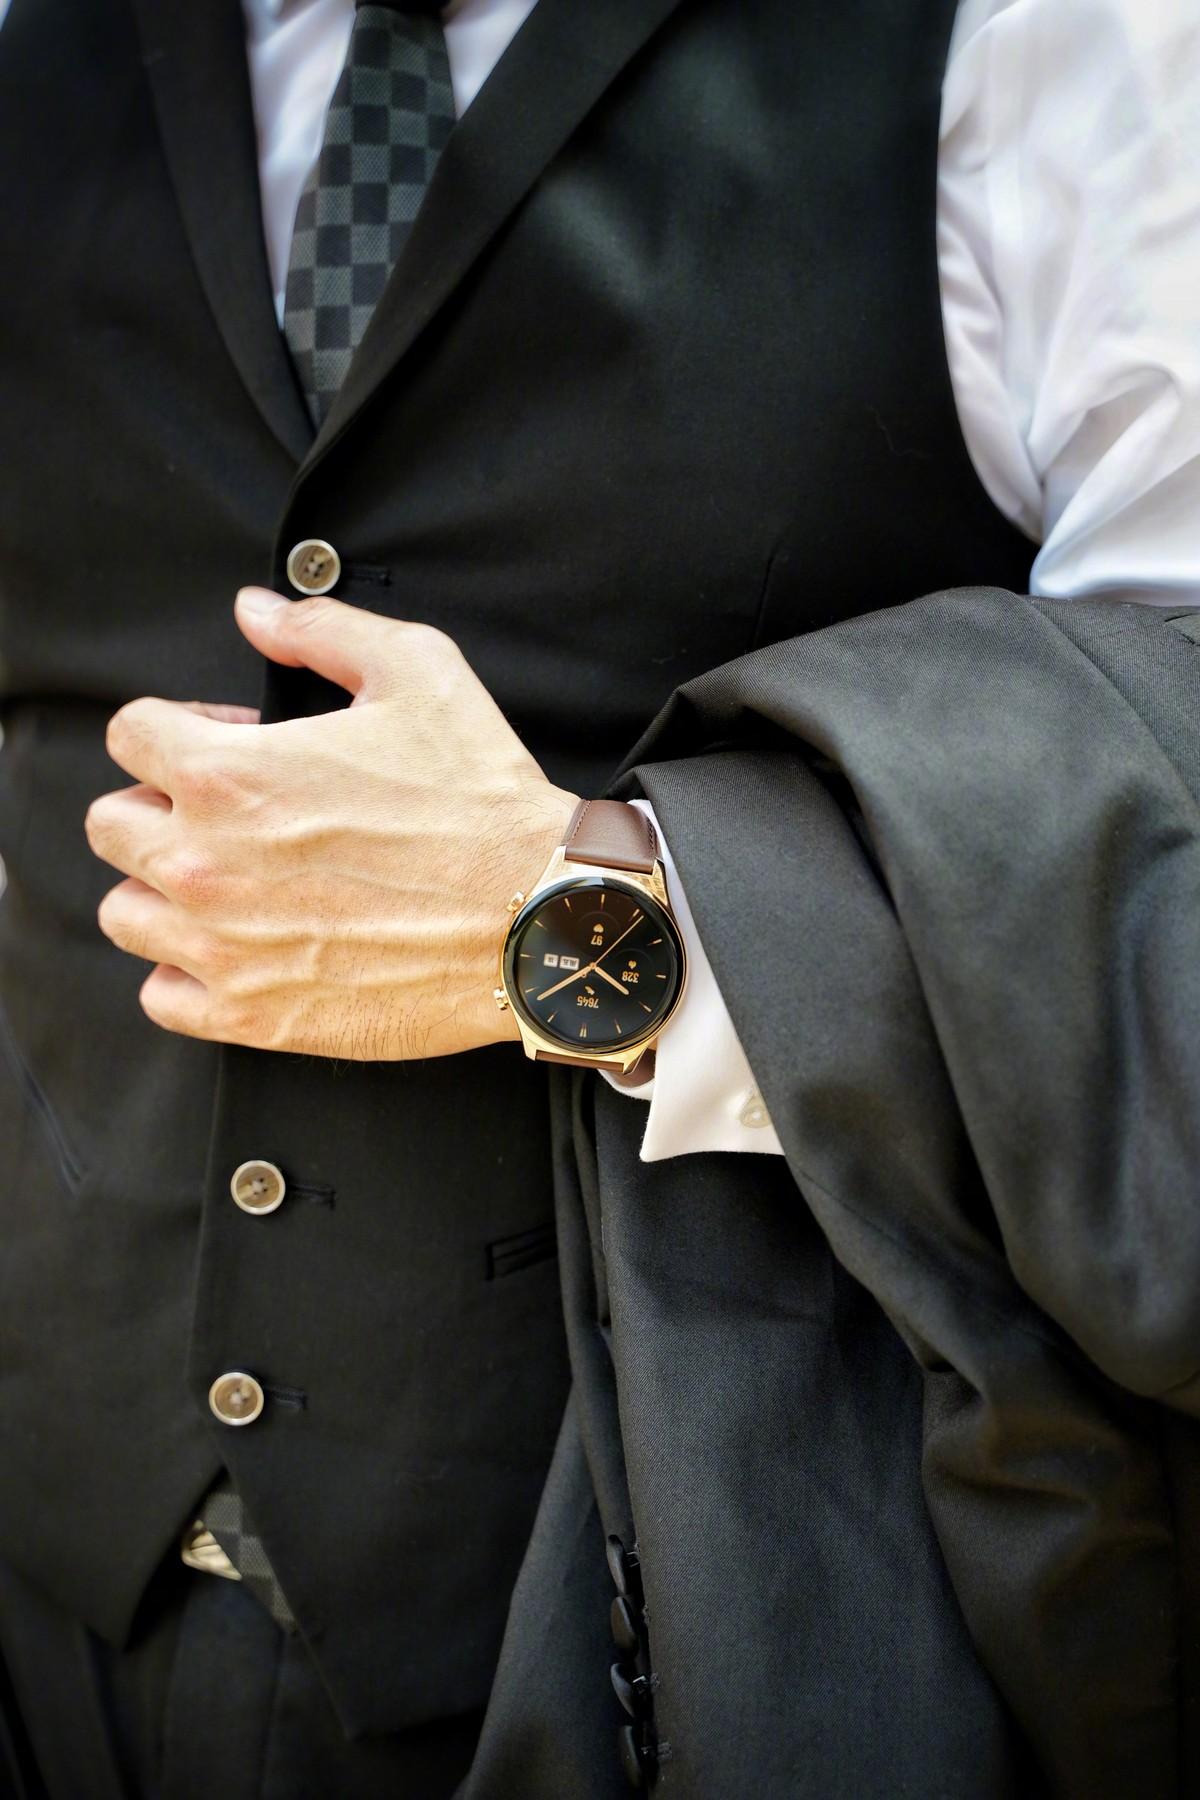 Honor Watch GS 3 per tutti i gusti, classico o sportivo: ecco le foto dello smartwatch